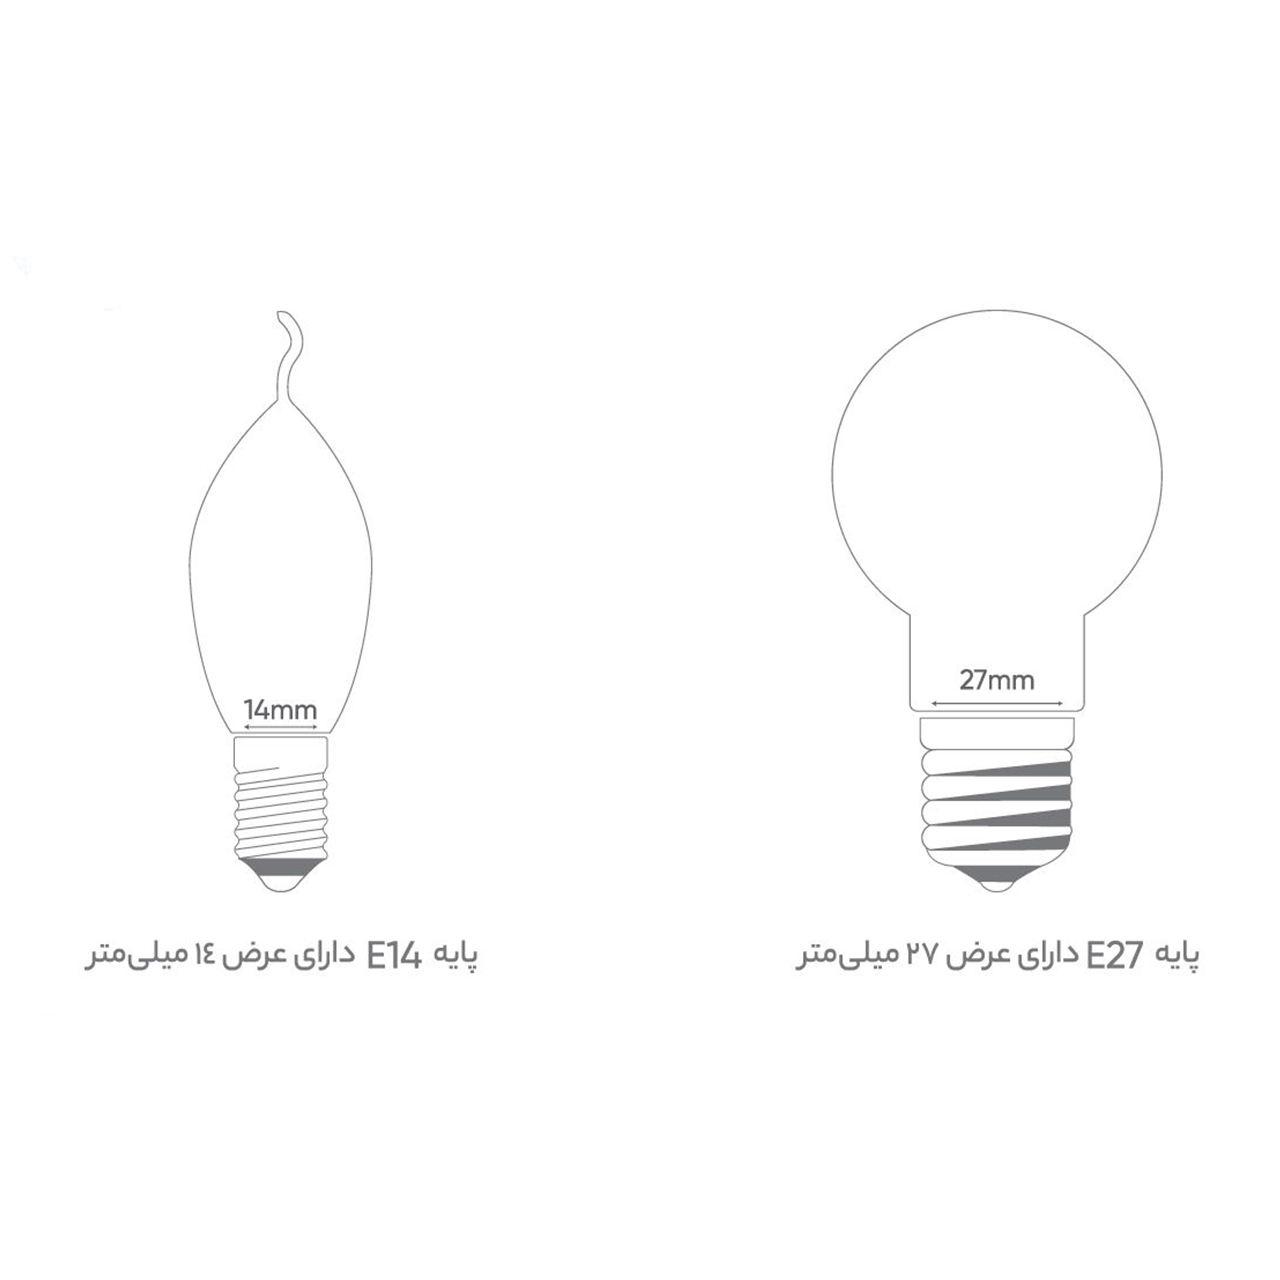 لامپ ال ای دی 10 وات بروکس  پایه E27 بسته 3 عددی main 1 5